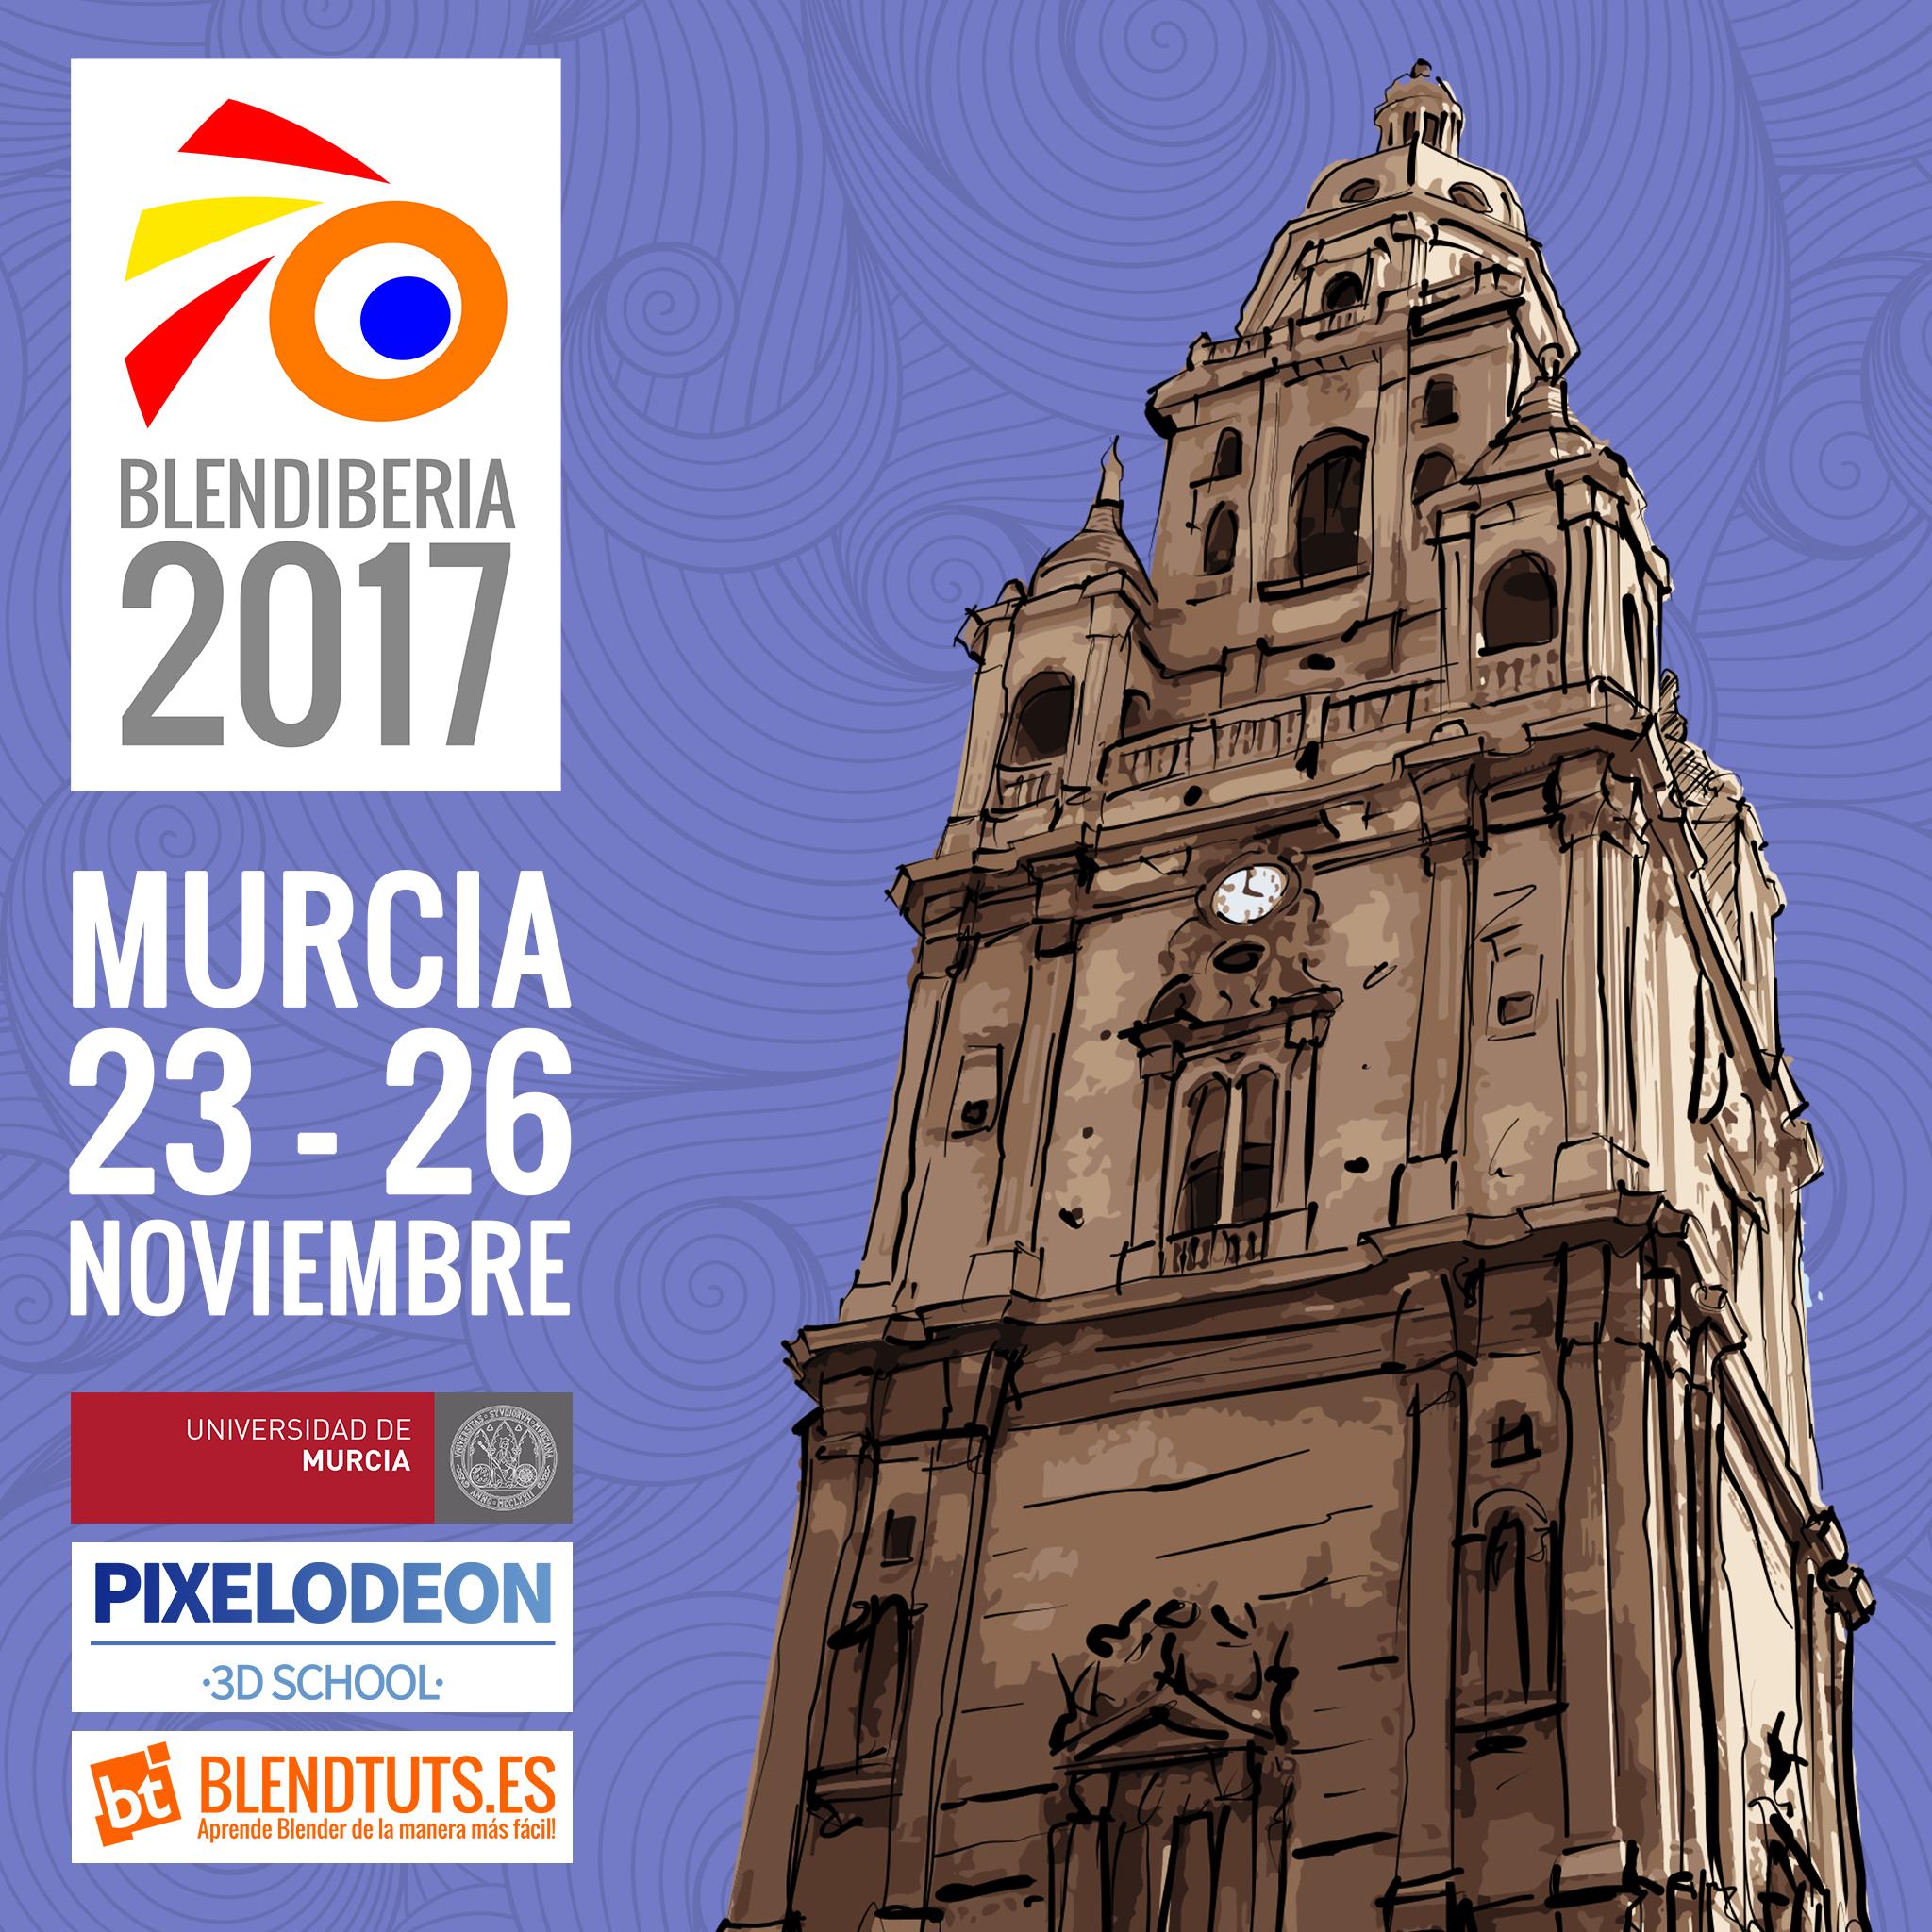 Blendiberia 2017 (25 y 26 de Noviembre en Murcia)-tower-2048.jpg